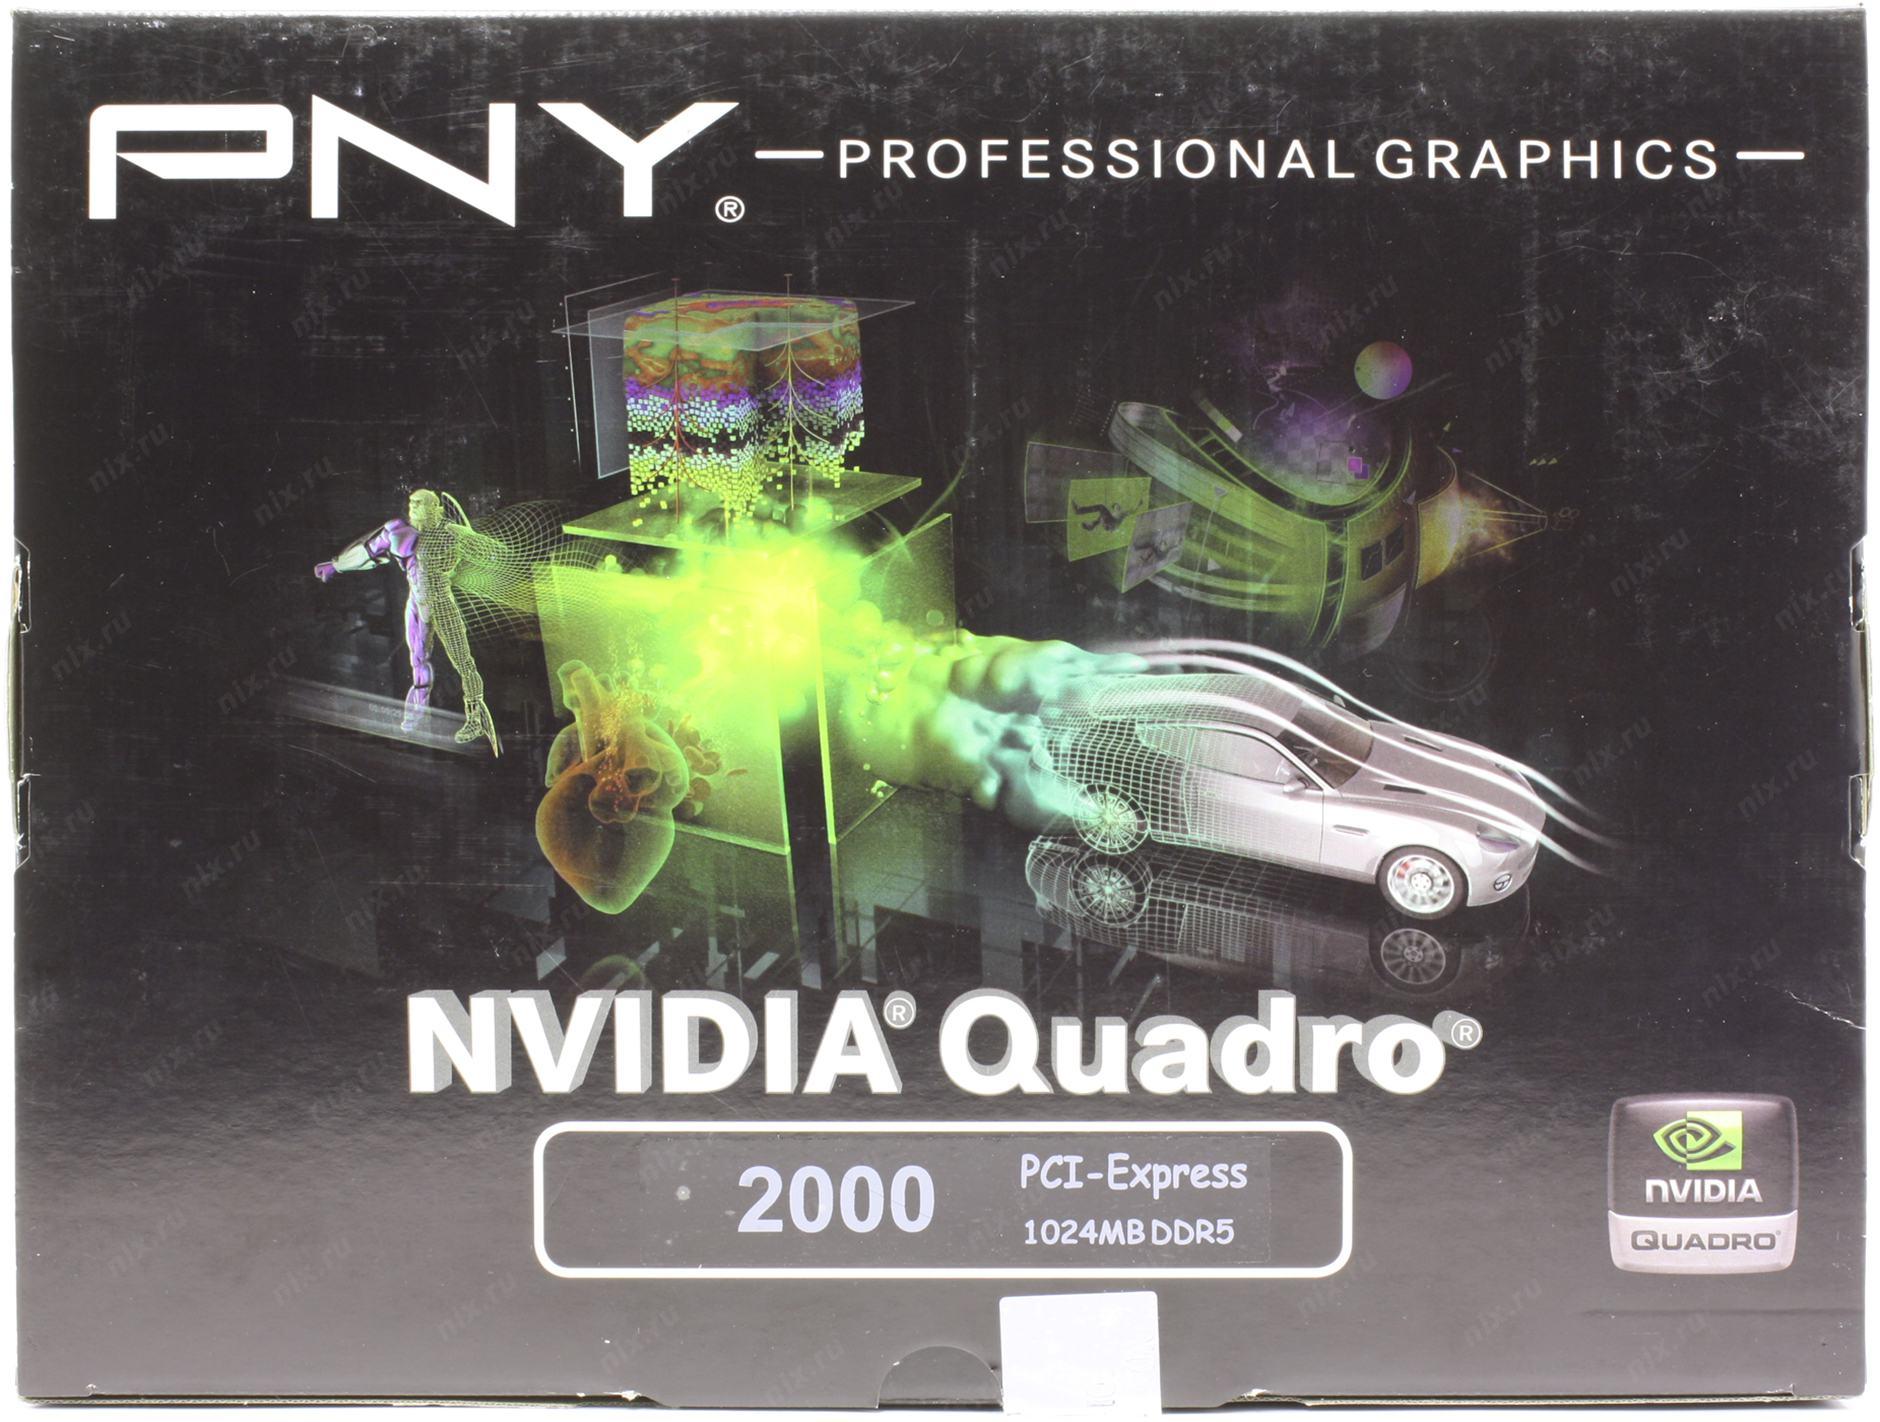 Профессиональный видеоускоритель PNY NVIDIA Quadro 2000